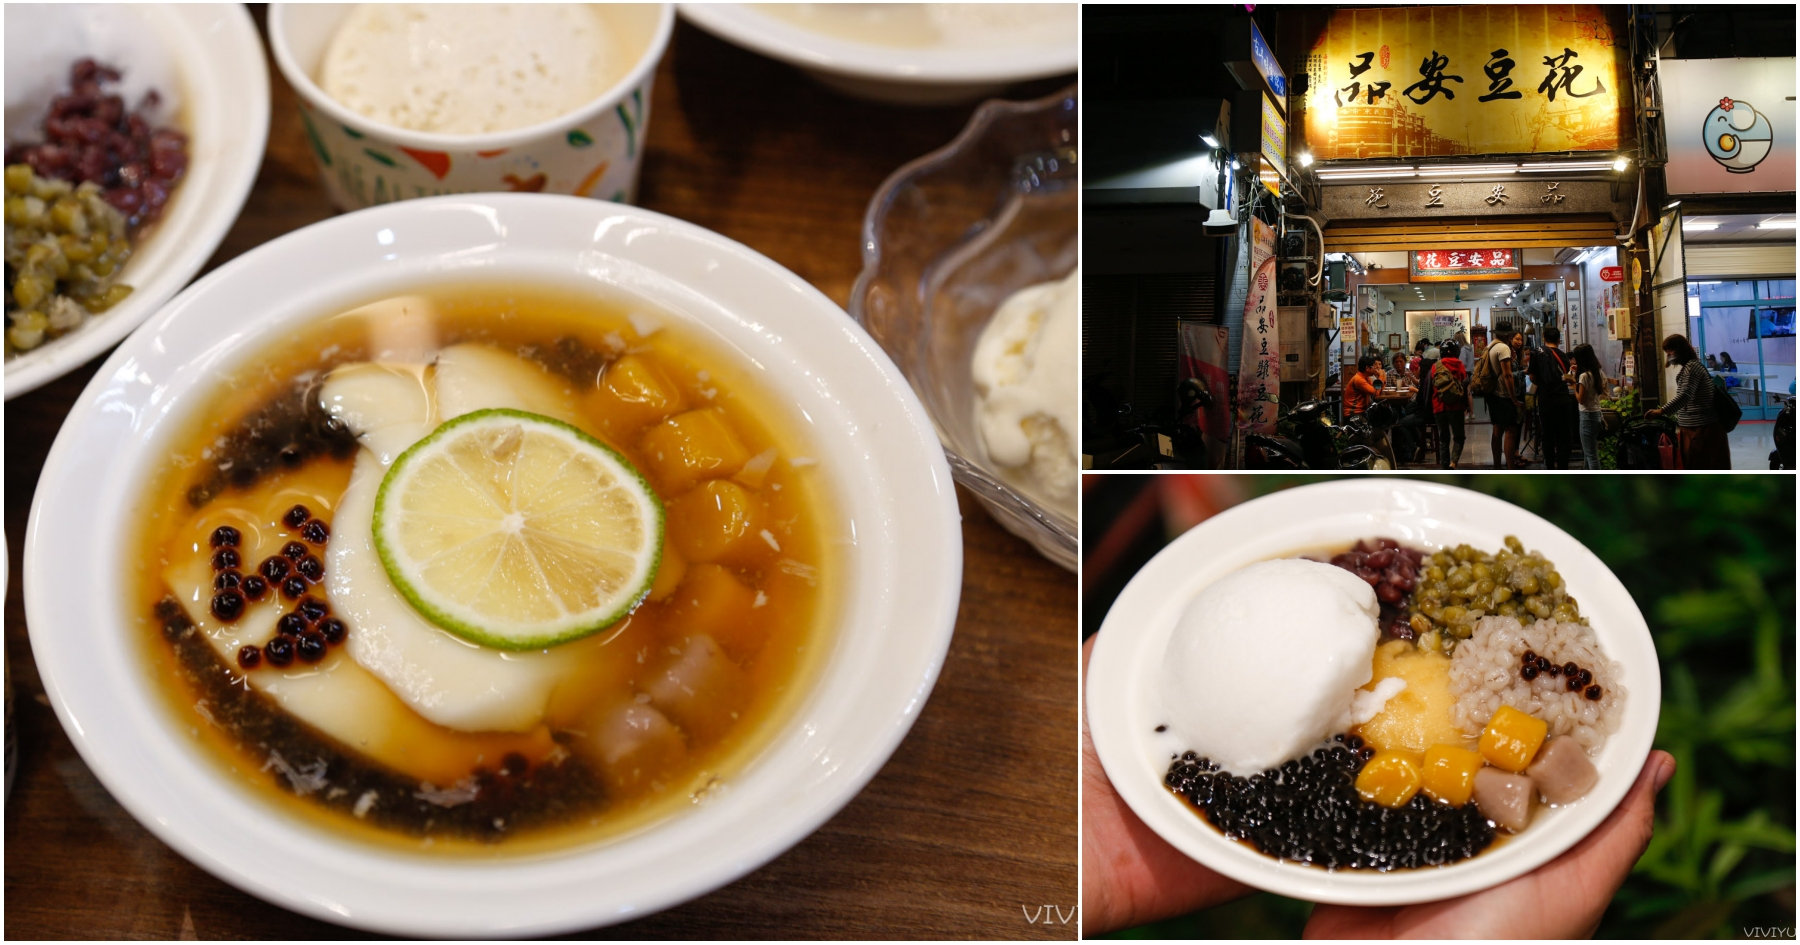 [龜山美食]千夜一夜干丼飯|南崁台茂購物中心附近的日式丼飯~品嚐的到鮮魚好滋味 @VIVIYU小世界